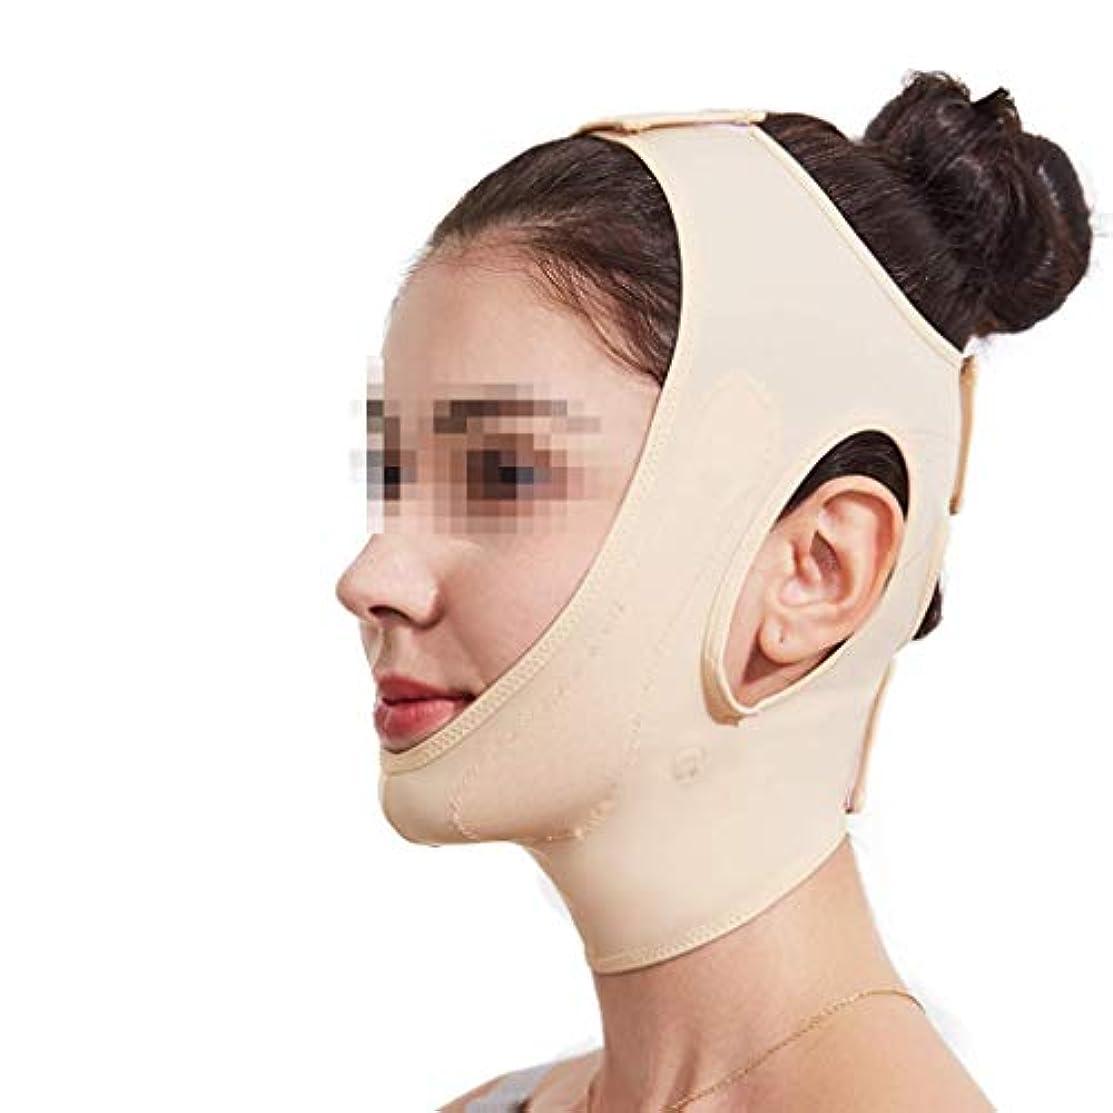 バランス癌免除フェイスリフティング包帯、フェイスマスクフェイスリフトチン快適なフェイスマルチカラーオプション(カラー:ブラック),肌の色合い